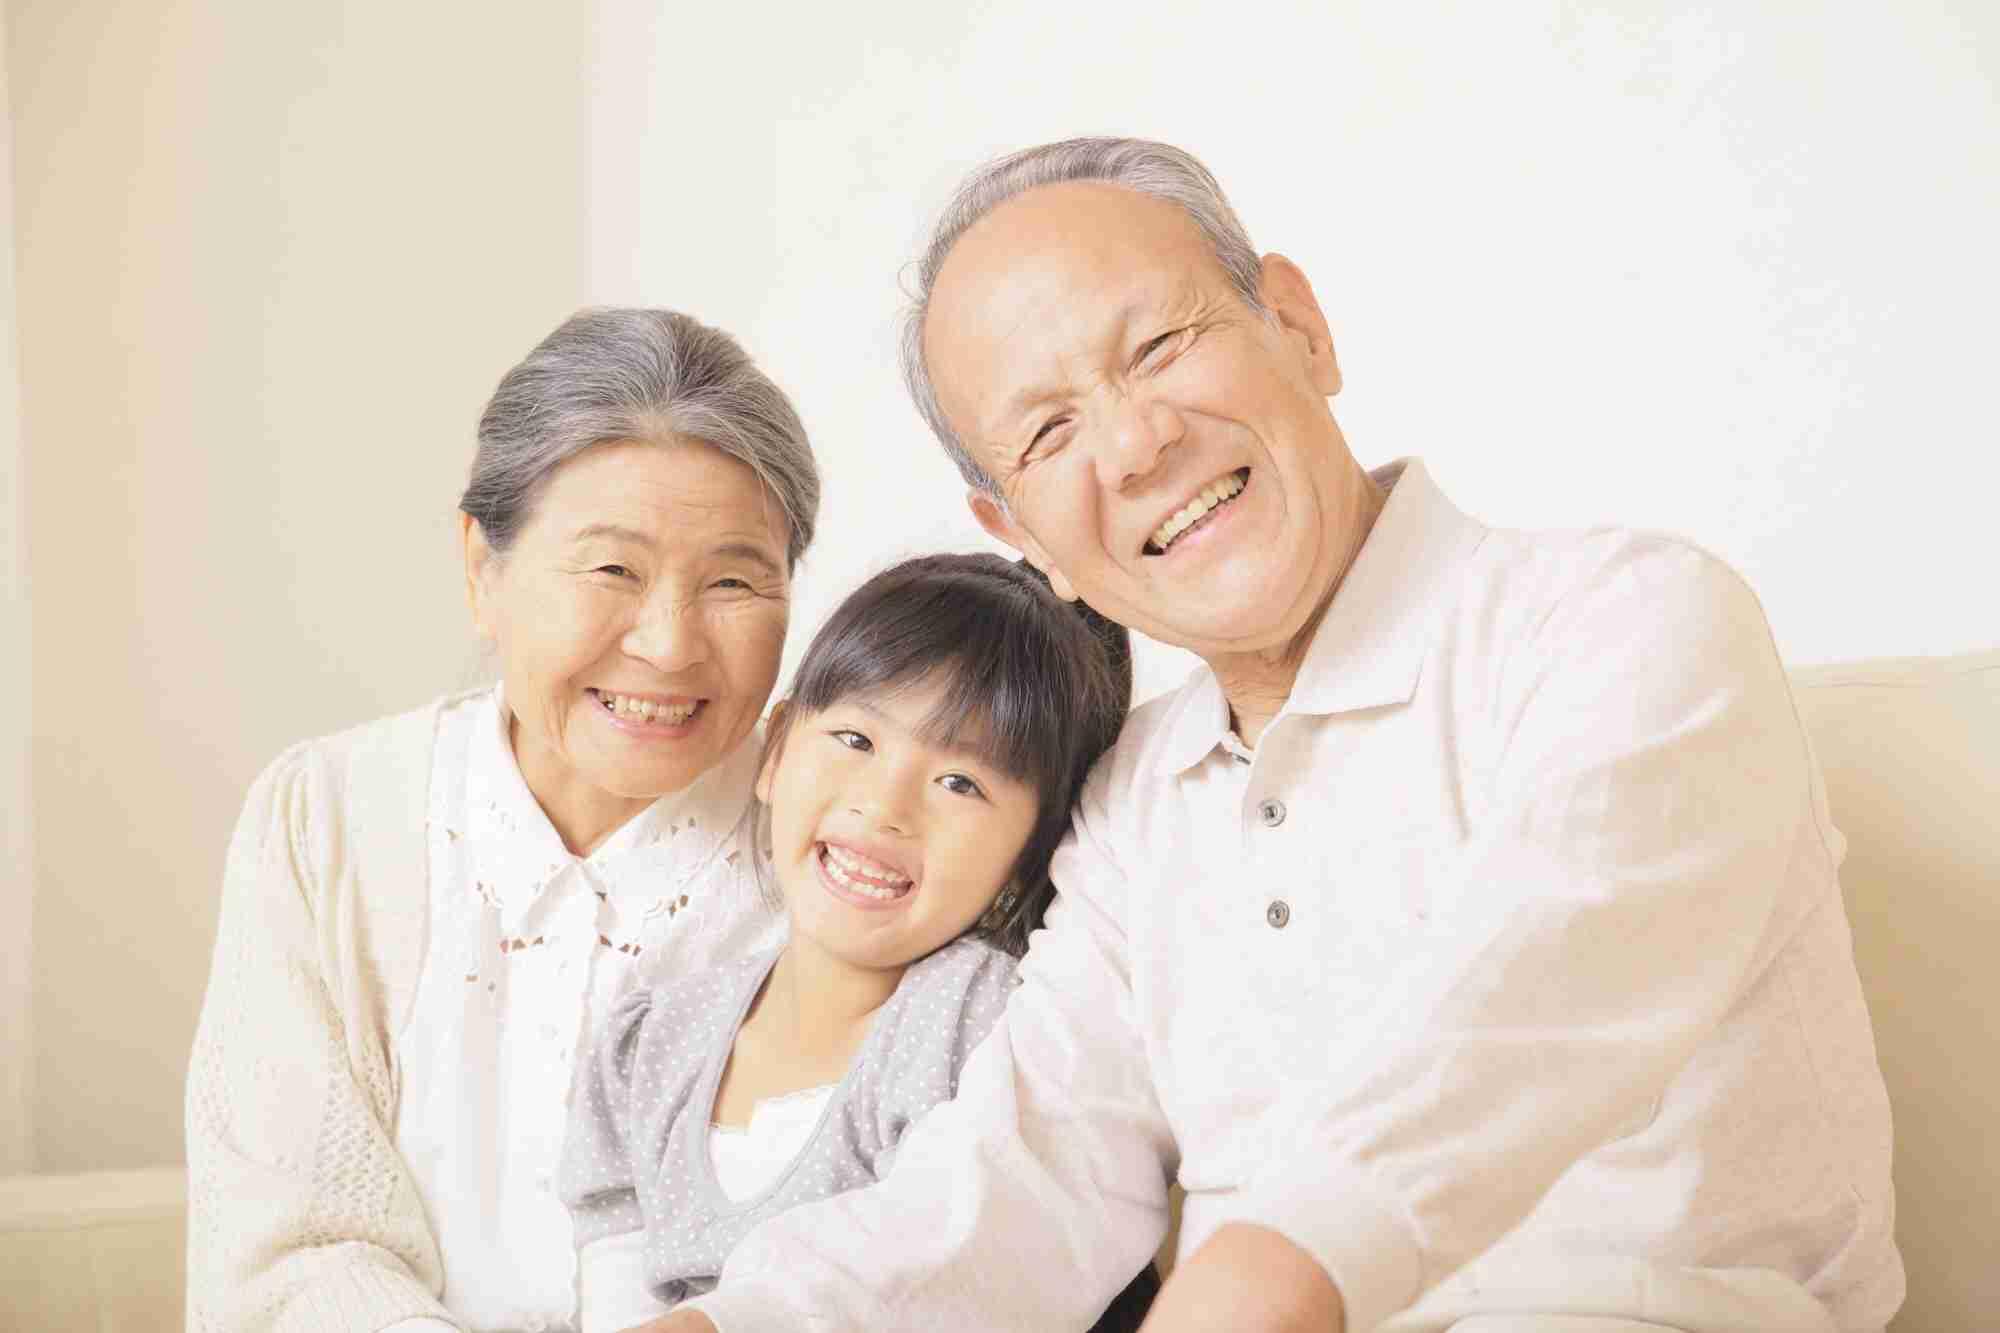 子供の頃、祖父母と同居でしたか?